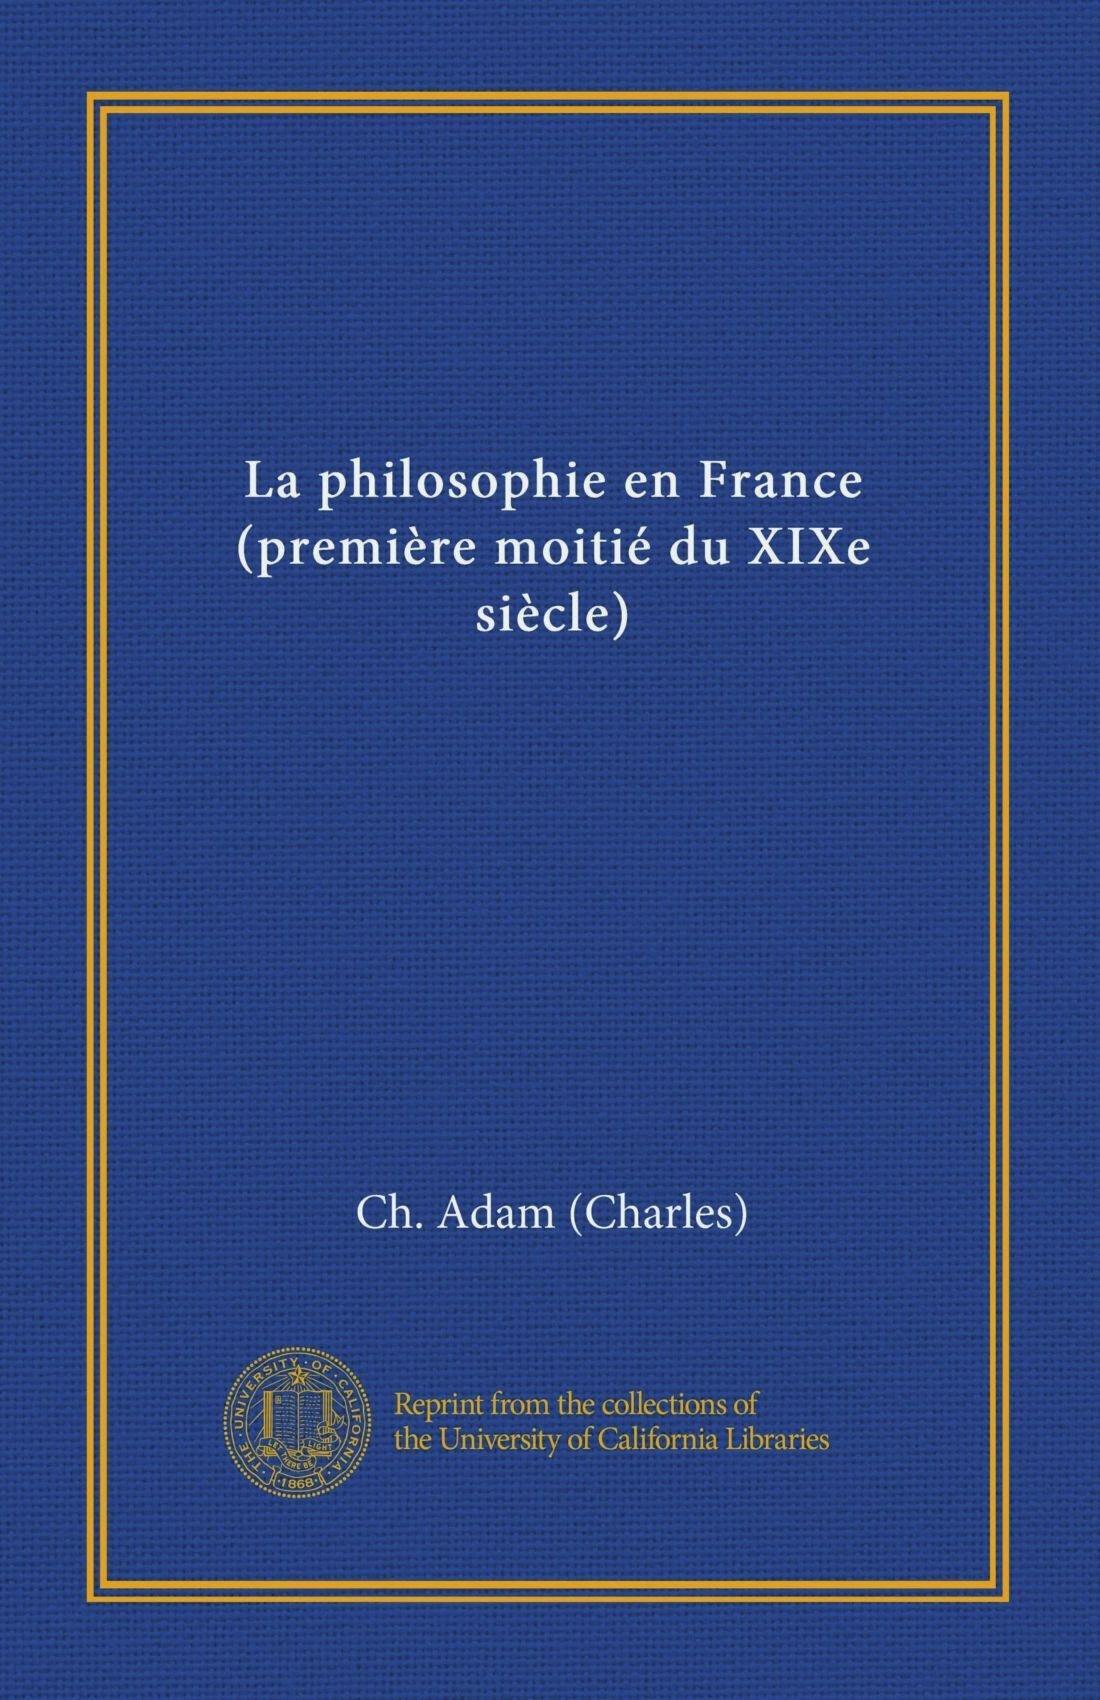 La philosophie en France (première moitié du XIXe siècle) (French Edition) pdf epub